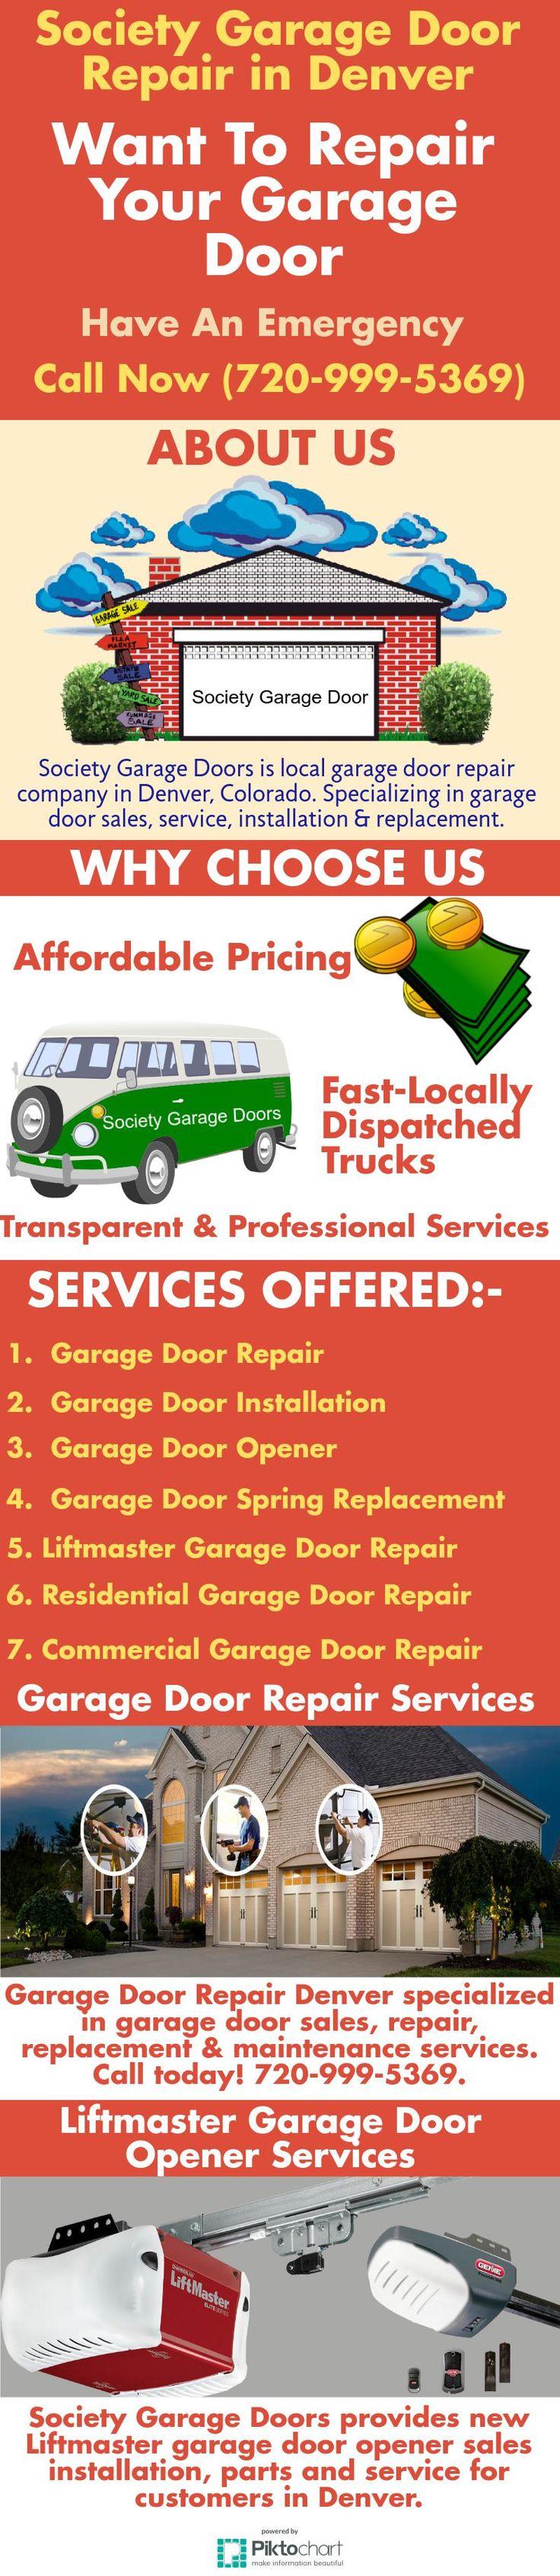 Society Garage Doors Is Local Garage Door Repair Company In Denver, Colorado.  Our Team